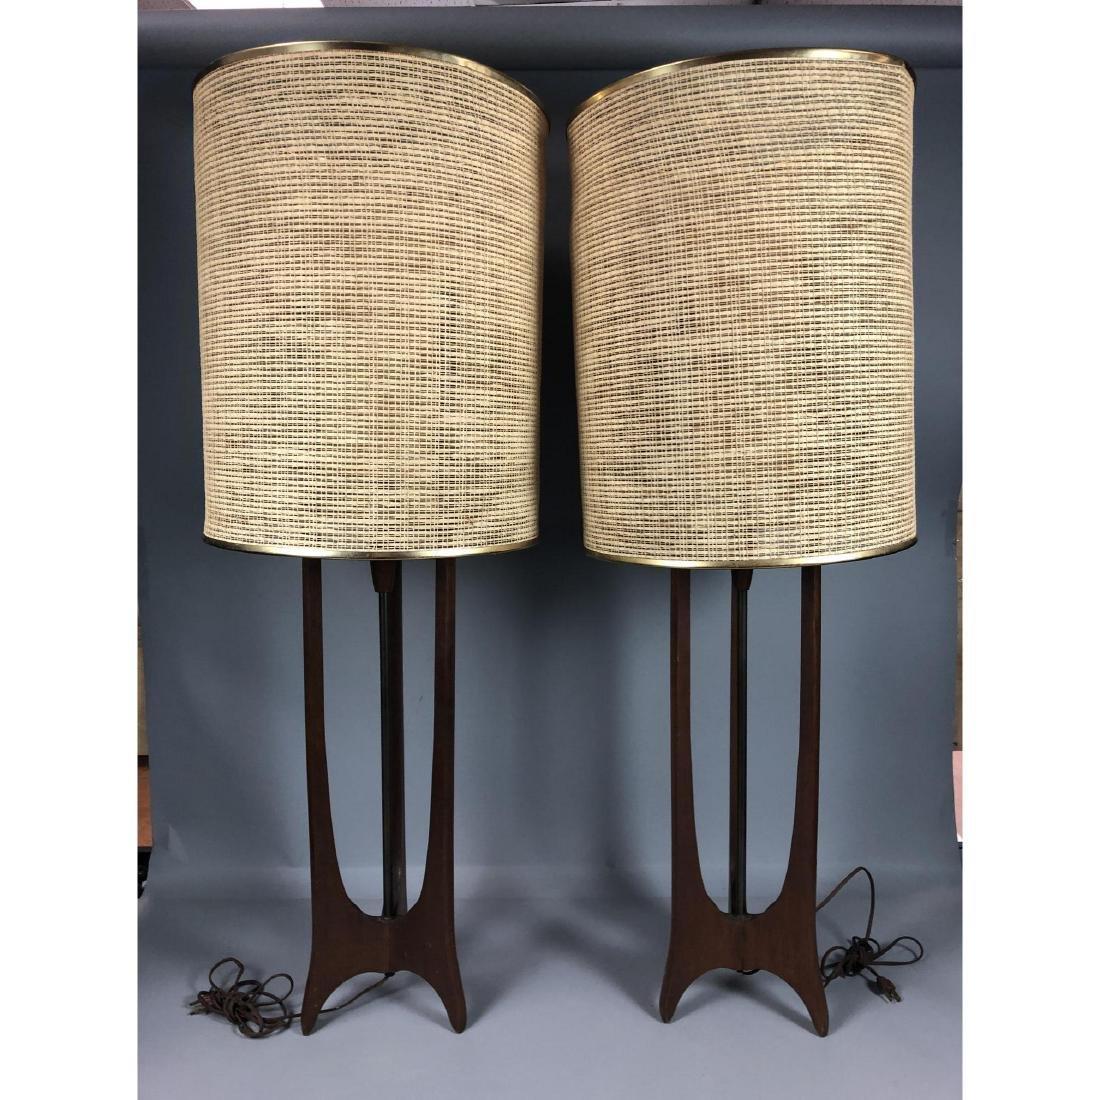 Pr MODELINE Walnut Brass Tall Table Lamps. 3 scul